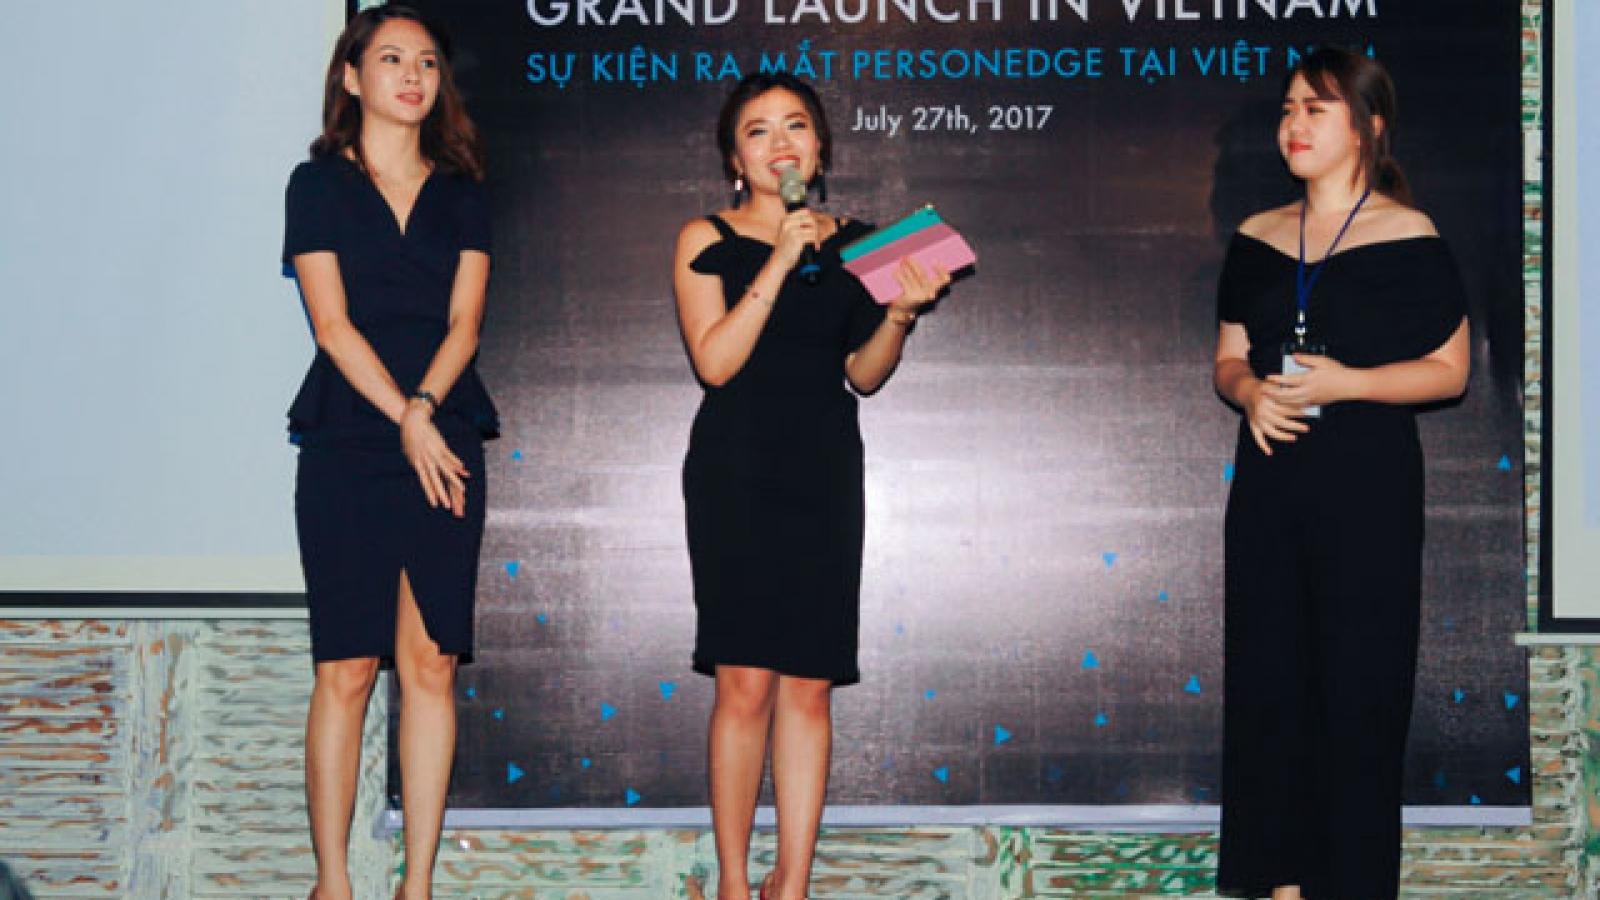 Malaysia leading social media marketing company expansion to Vietnam